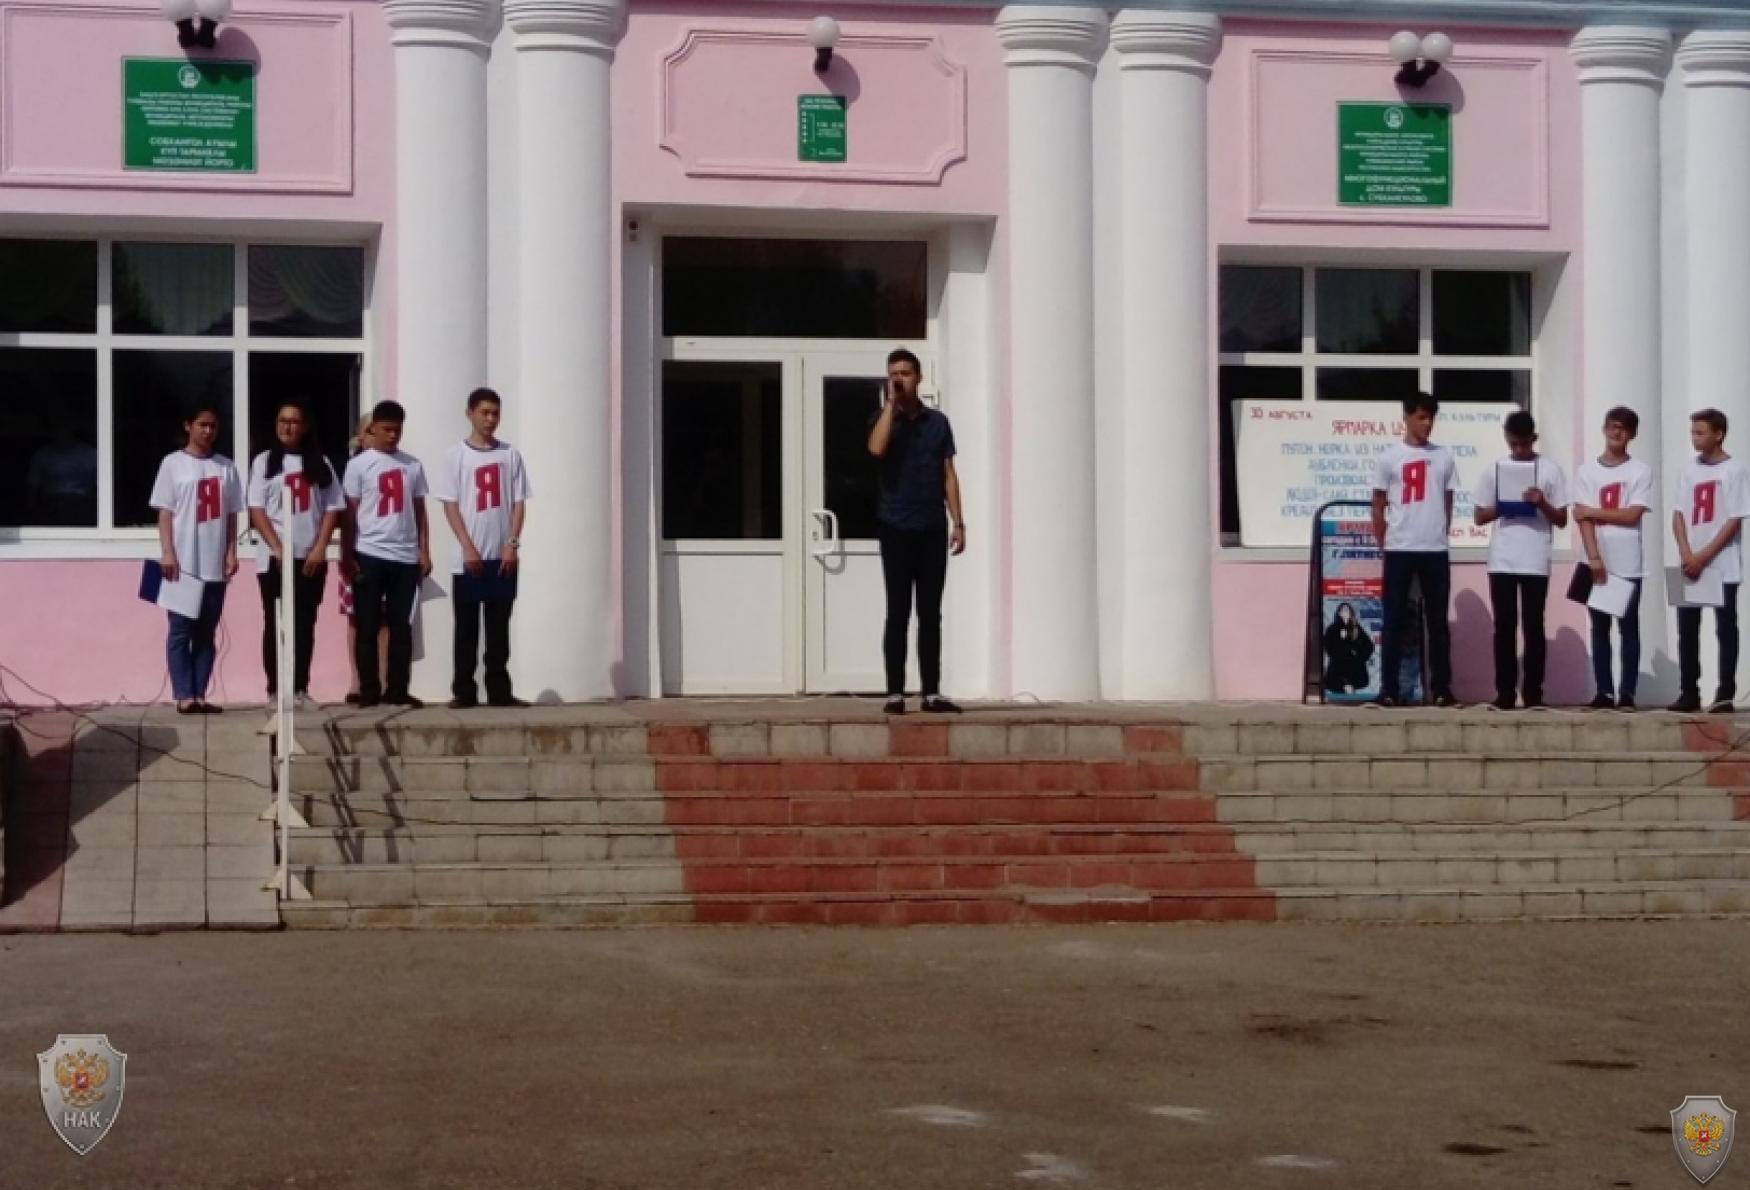 В муниципальном районе Туймазинский район Республики Башкортостан состоялась Общегородская акция «Памяти жертв Беслана»